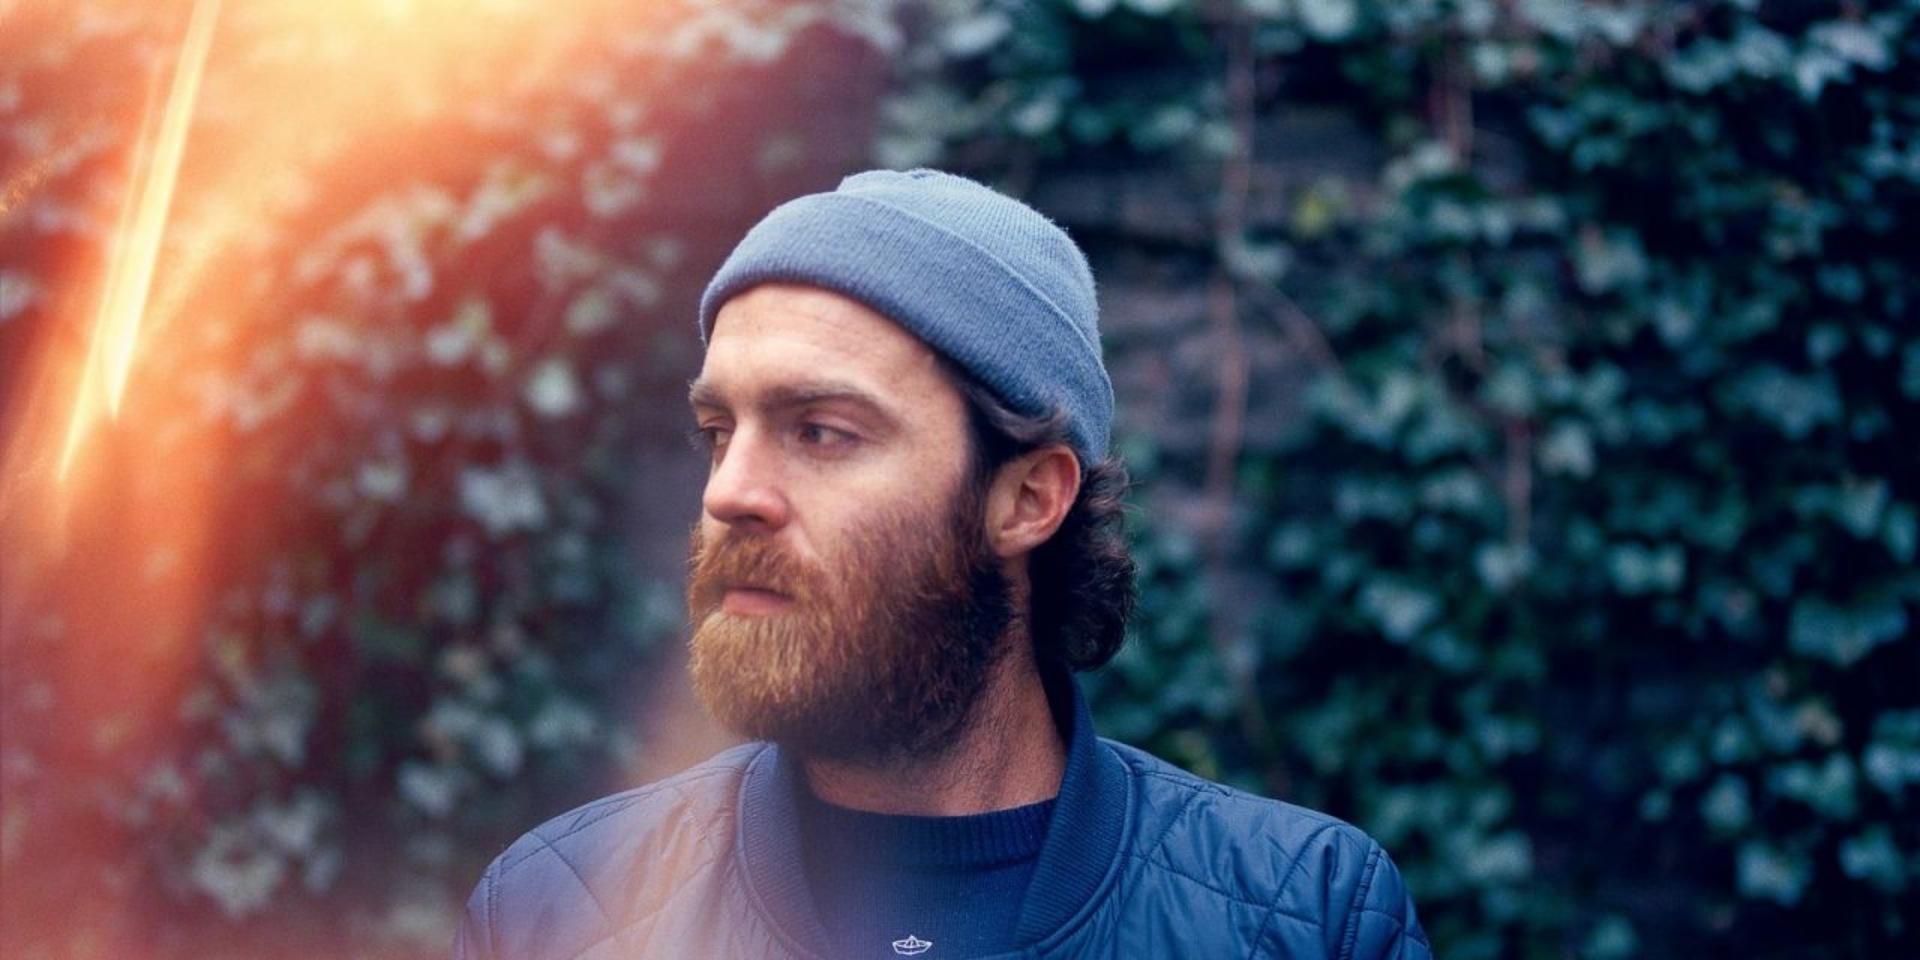 Nick Murphy (fka Chet Faker) details new album, shares new single 'Sanity' – listen